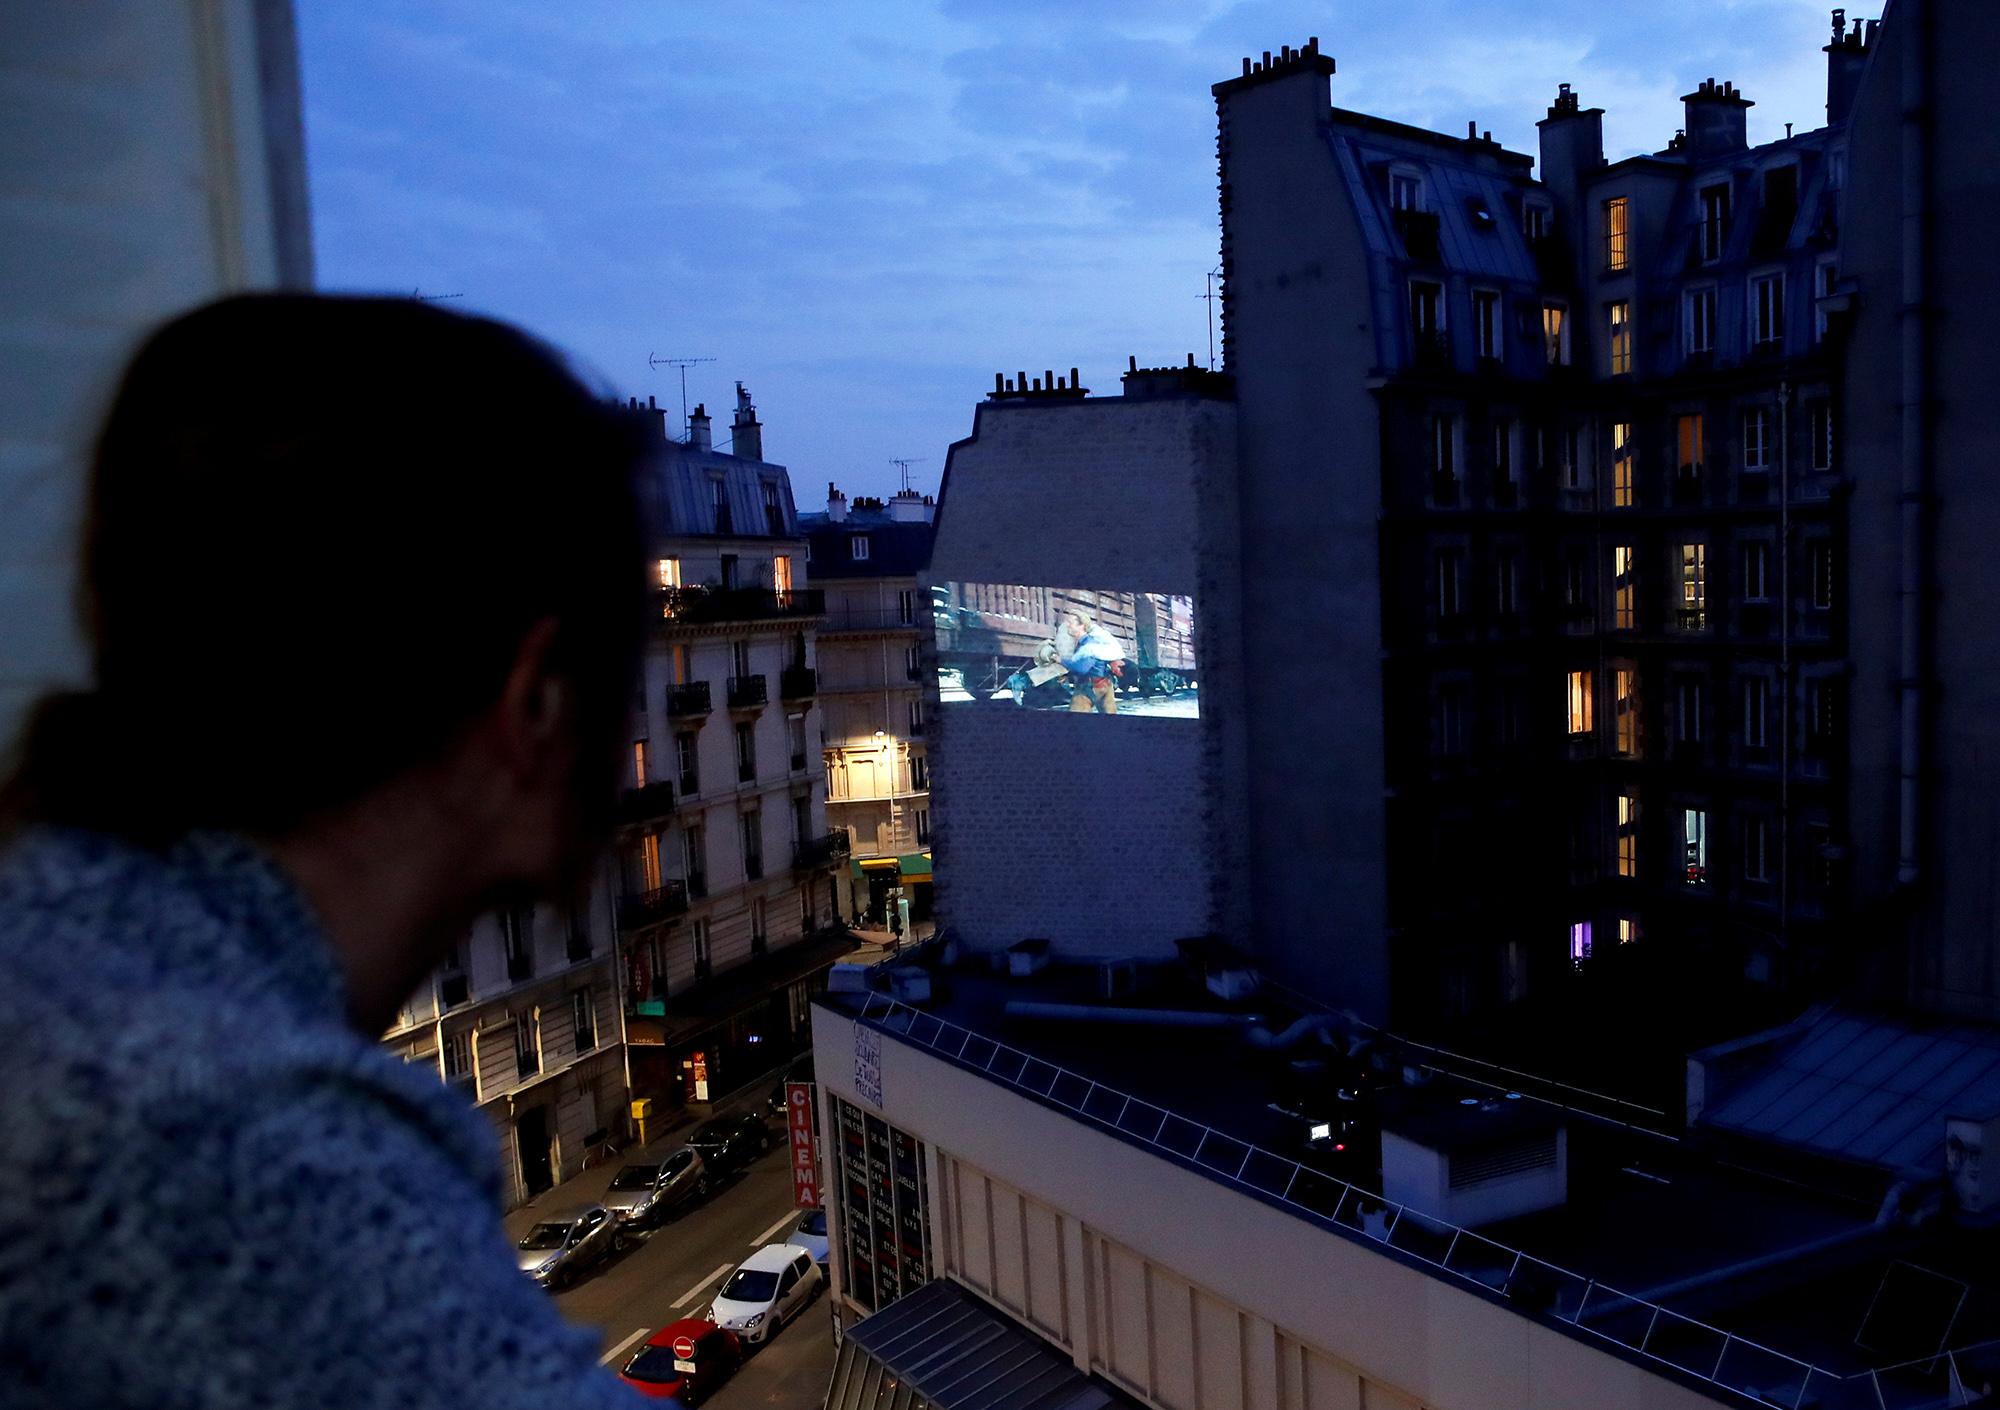 Писательница Кристина Давенье смотрит вестерн «Человек беззвезд» режиссера Кинга Видора, который поинициативе Ассоциации Домашнего Кино проецируют настену жилого дома во время карантина покоронавирусу Covid-19 вПариже. 24 апреля 2020